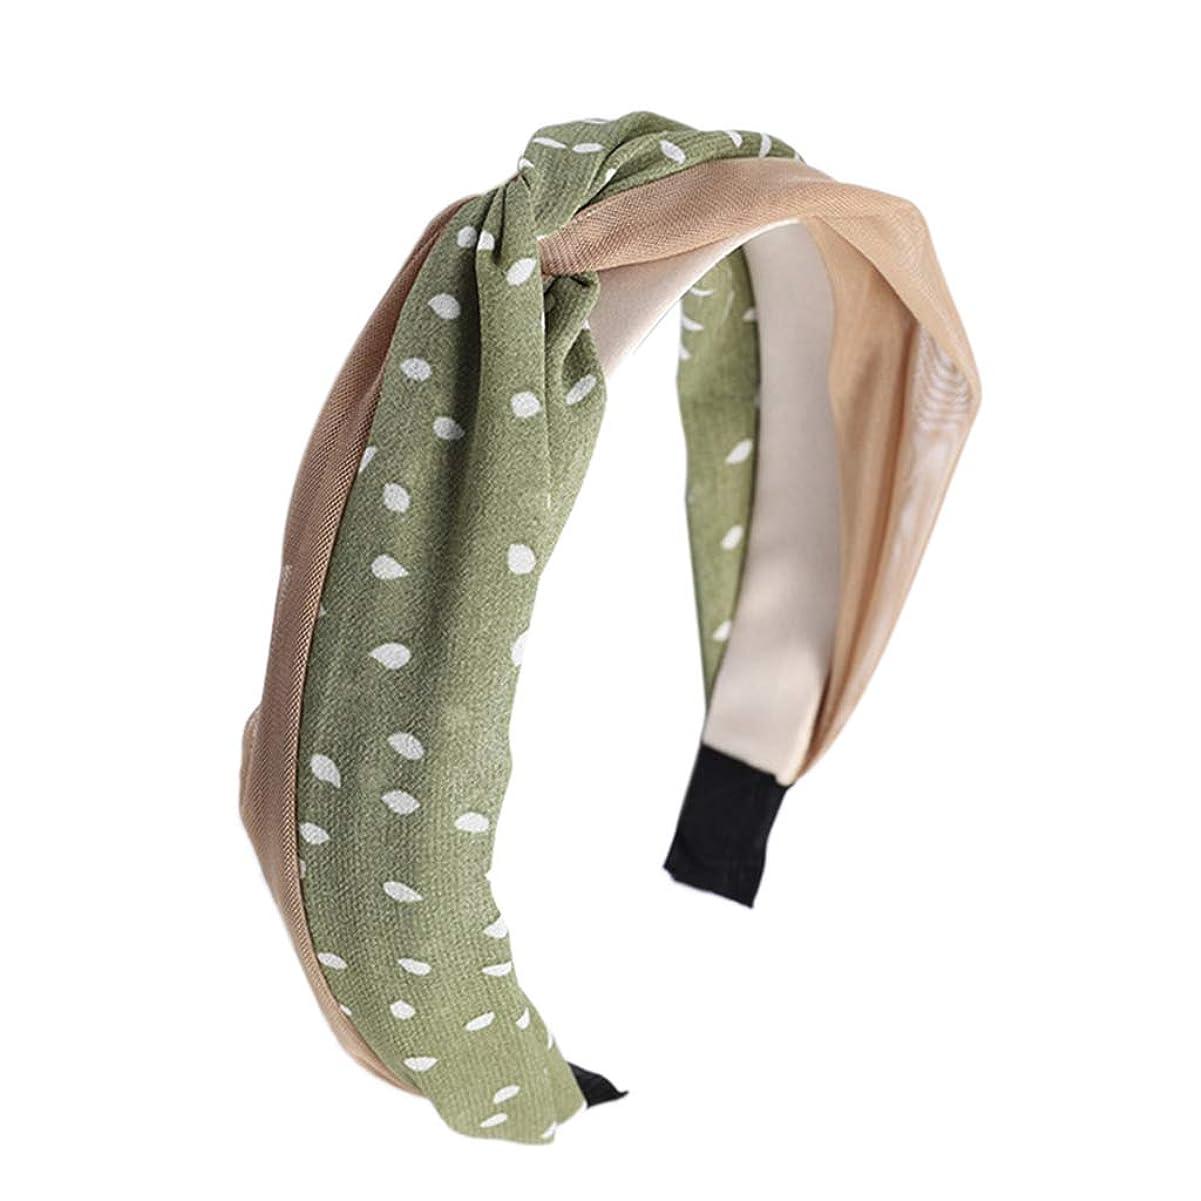 ロケット賠償剥ぎ取るManyao 韓国風の新鮮な女性のメッシュポルカドットヘッドバンドヴィンテージツイスト結び目ワイヤーヘアフープ (緑)